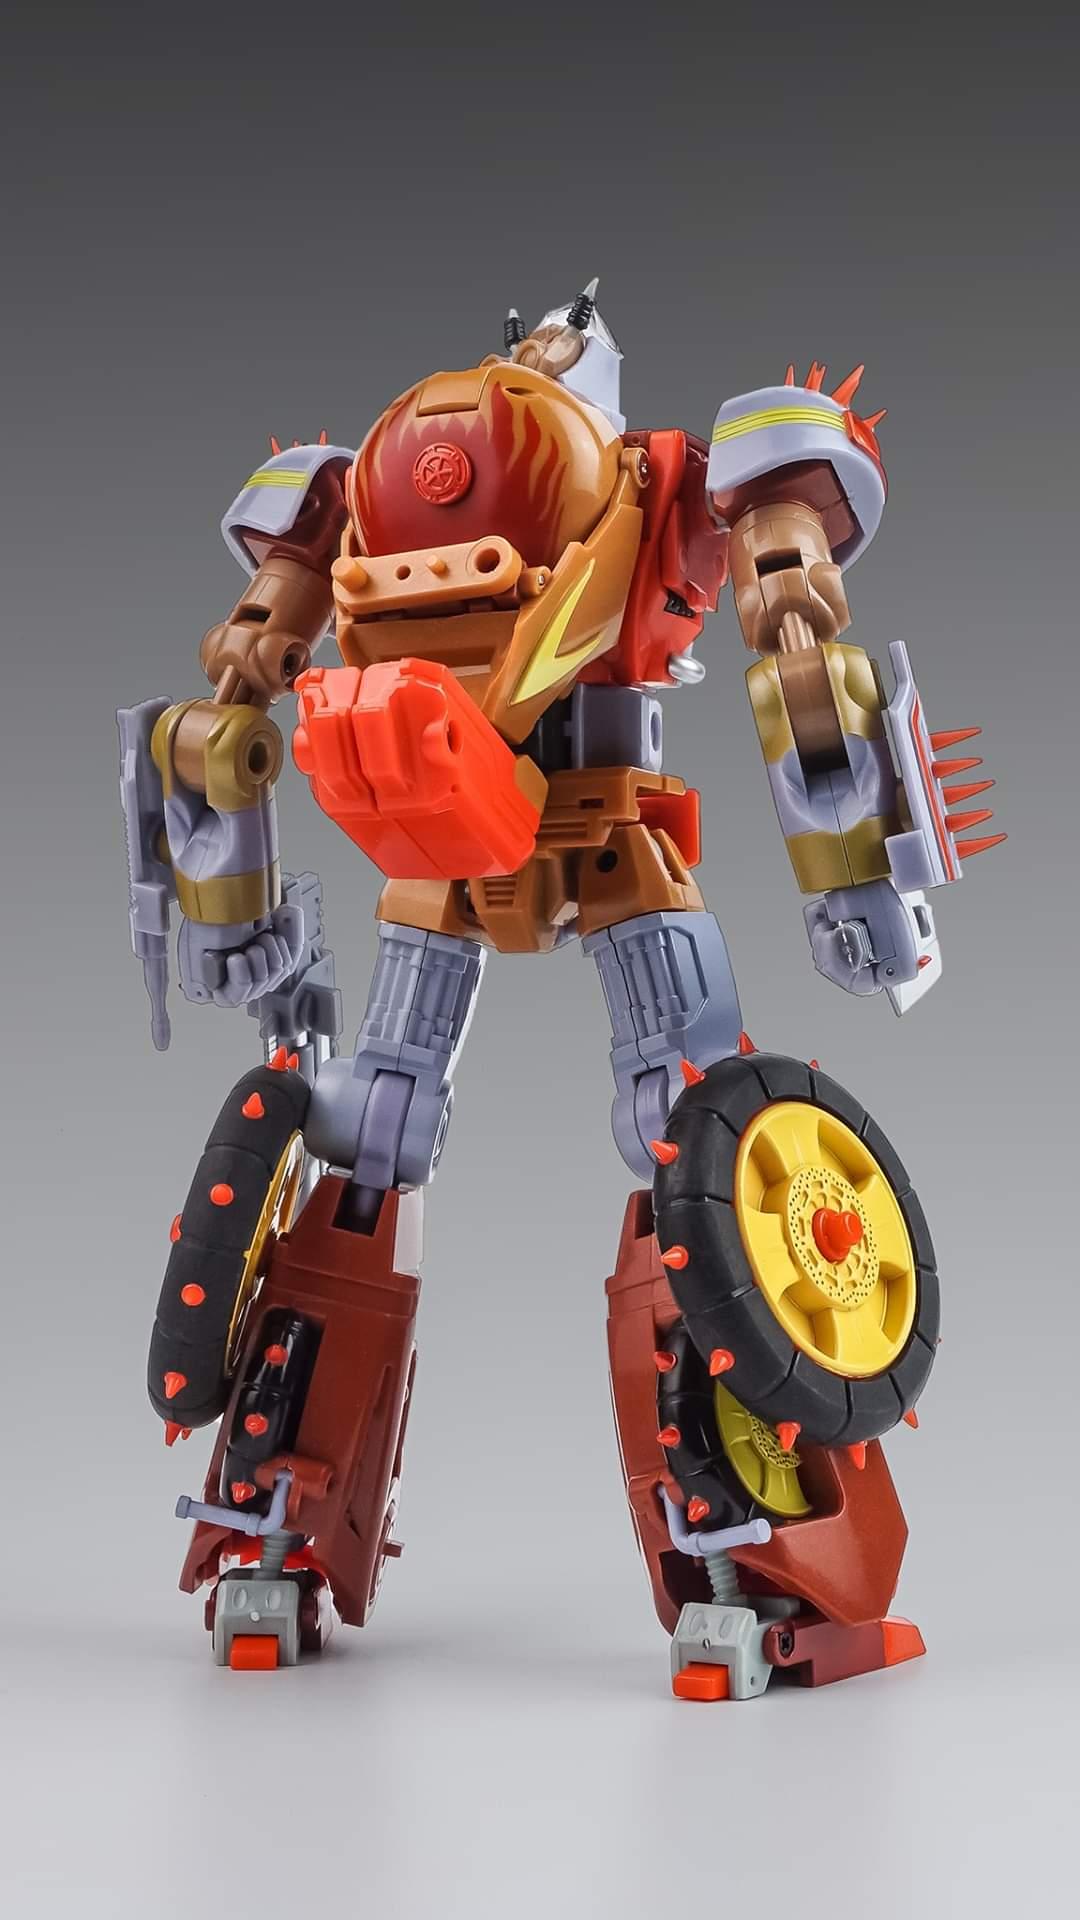 [KFC Toys] Produit Tiers - Jouets Crash Hog (aka Wreck-gar/Ferraille), Dumpyard (aka Junkyard/Décharge) et autres Junkions/Ferrailleurs - Page 3 FZV0vCEZ_o